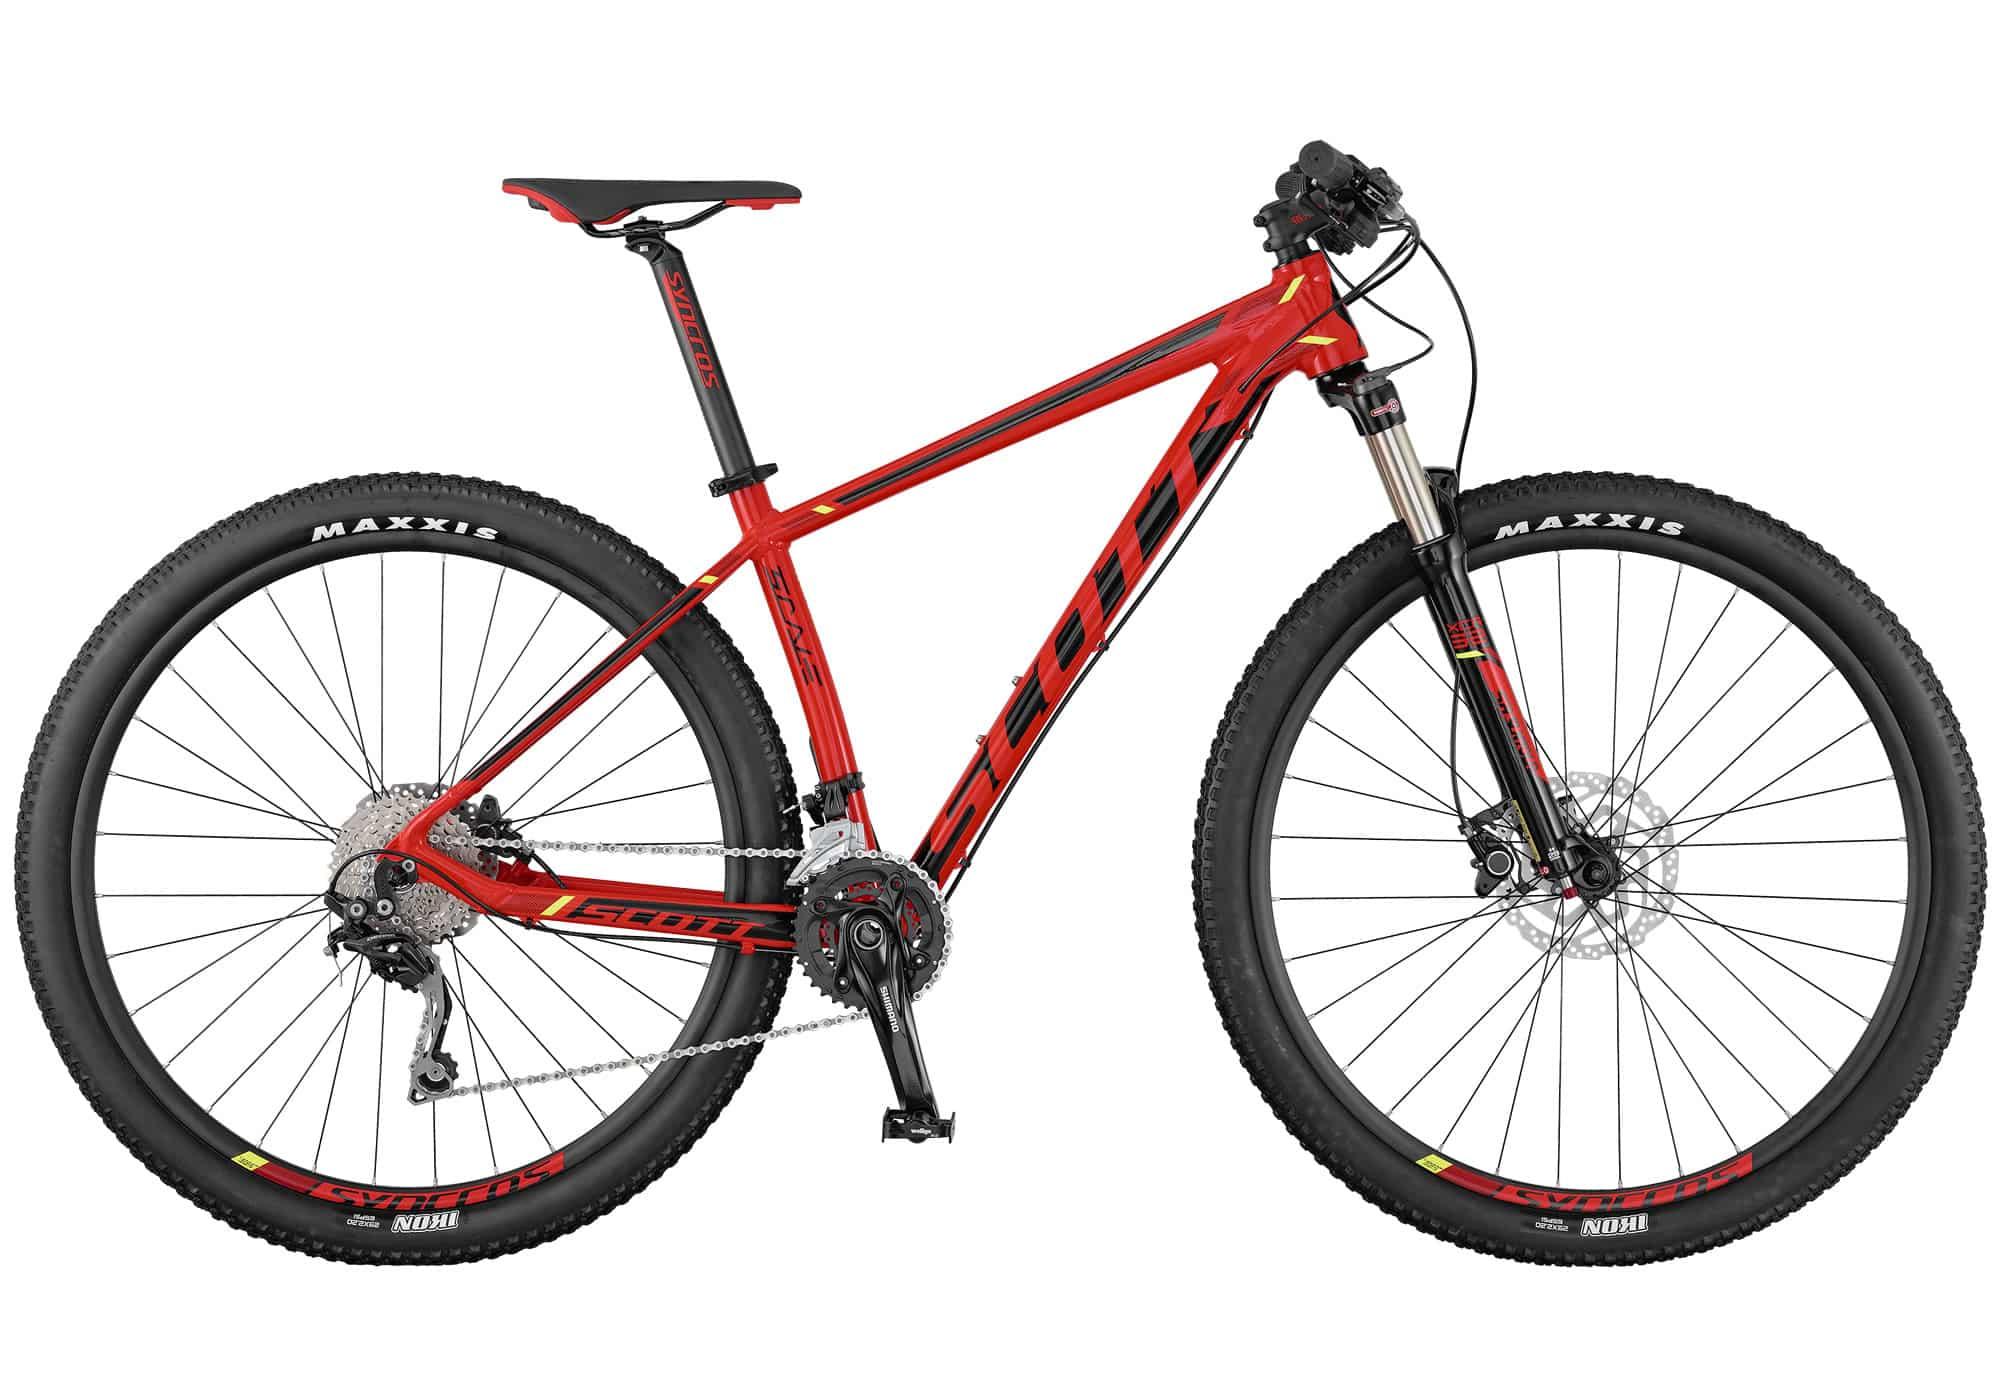 La Scott Scale 970/770 viene totalmente equipada con una horquilla Suntour y tecnología de bloqueo remoto para permitir distintos ajustes de recorrido en función de las necesidades de cada momento. Con la misma geometría que sus hermanas de carbono, esta bicicleta rígida es resistente, tiene un precio asequible, y está hecha para la velocidad.